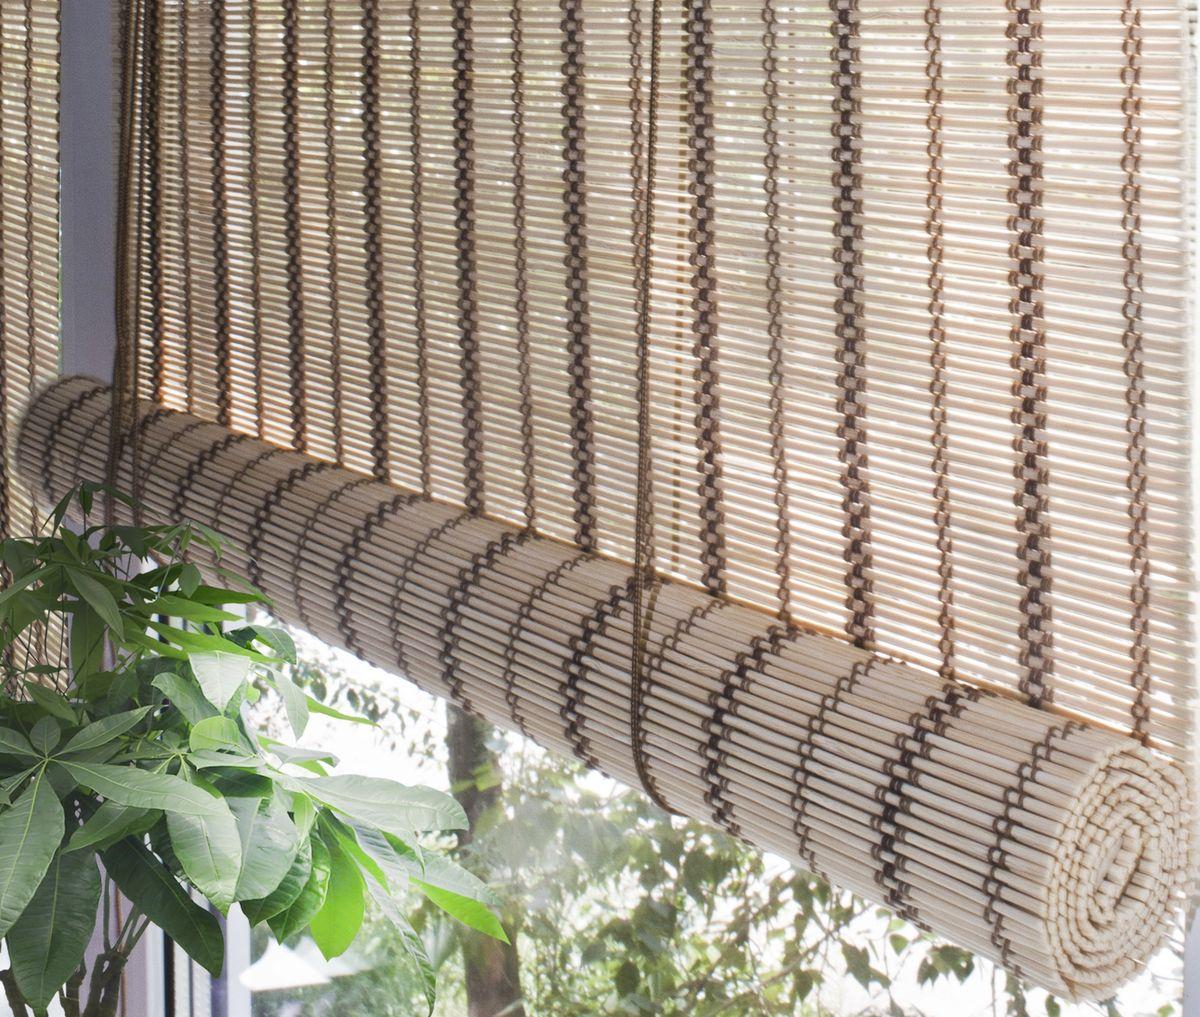 Штора рулонная Эскар Бамбук, цвет: золотой беж, ширина 100 см, высота 160 см70140100160При оформлении интерьера современных помещений многие отдают предпочтение природным материалам. Бамбуковые рулонные шторы - одно из натуральных изделий, способное сделать атмосферу помещения более уютной и в то же время необычной. Свойства бамбука уникальны: он экологически чист, так как быстро вырастает, благодаря чему не успевает накопить вредные вещества из окружающей среды. Кроме того, растение обладает противомикробным и антибактериальным действием. Занавеси из бамбука безопасно использовать в помещениях, где находятся новорожденные дети и люди, склонные к аллергии. Они незаменимы для тех, кто заботится о своем здоровье и уделяет внимание высокому уровню жизни.Бамбуковые рулонные шторы представляют собой полотно, состоящее из тонких бамбуковых стеблей и сворачиваемое в рулон.Римские бамбуковые шторы, как и тканевые римские шторы, при поднятии образуют крупные складки, которые прекрасно декорируют окно.Особенность устройства полотна позволяет свободно пропускать дневной свет, что обеспечивает мягкое освещение комнаты. Это натуральный влагостойкий материал, который легко вписывается в любой интерьер, хорошо сочетается с различной мебелью и элементами отделки. Использование бамбукового полотна придает помещению необычный вид и визуально расширяет пространство.Помимо внешней красоты, это еще и очень удобные конструкции, экономящие пространство. Изготавливаются они из специальных материалов, устойчивых к внешним воздействиям. Сама штора очень эргономичная, и позволяет изменять визуально пространство в зависимости от потребностей владельца.